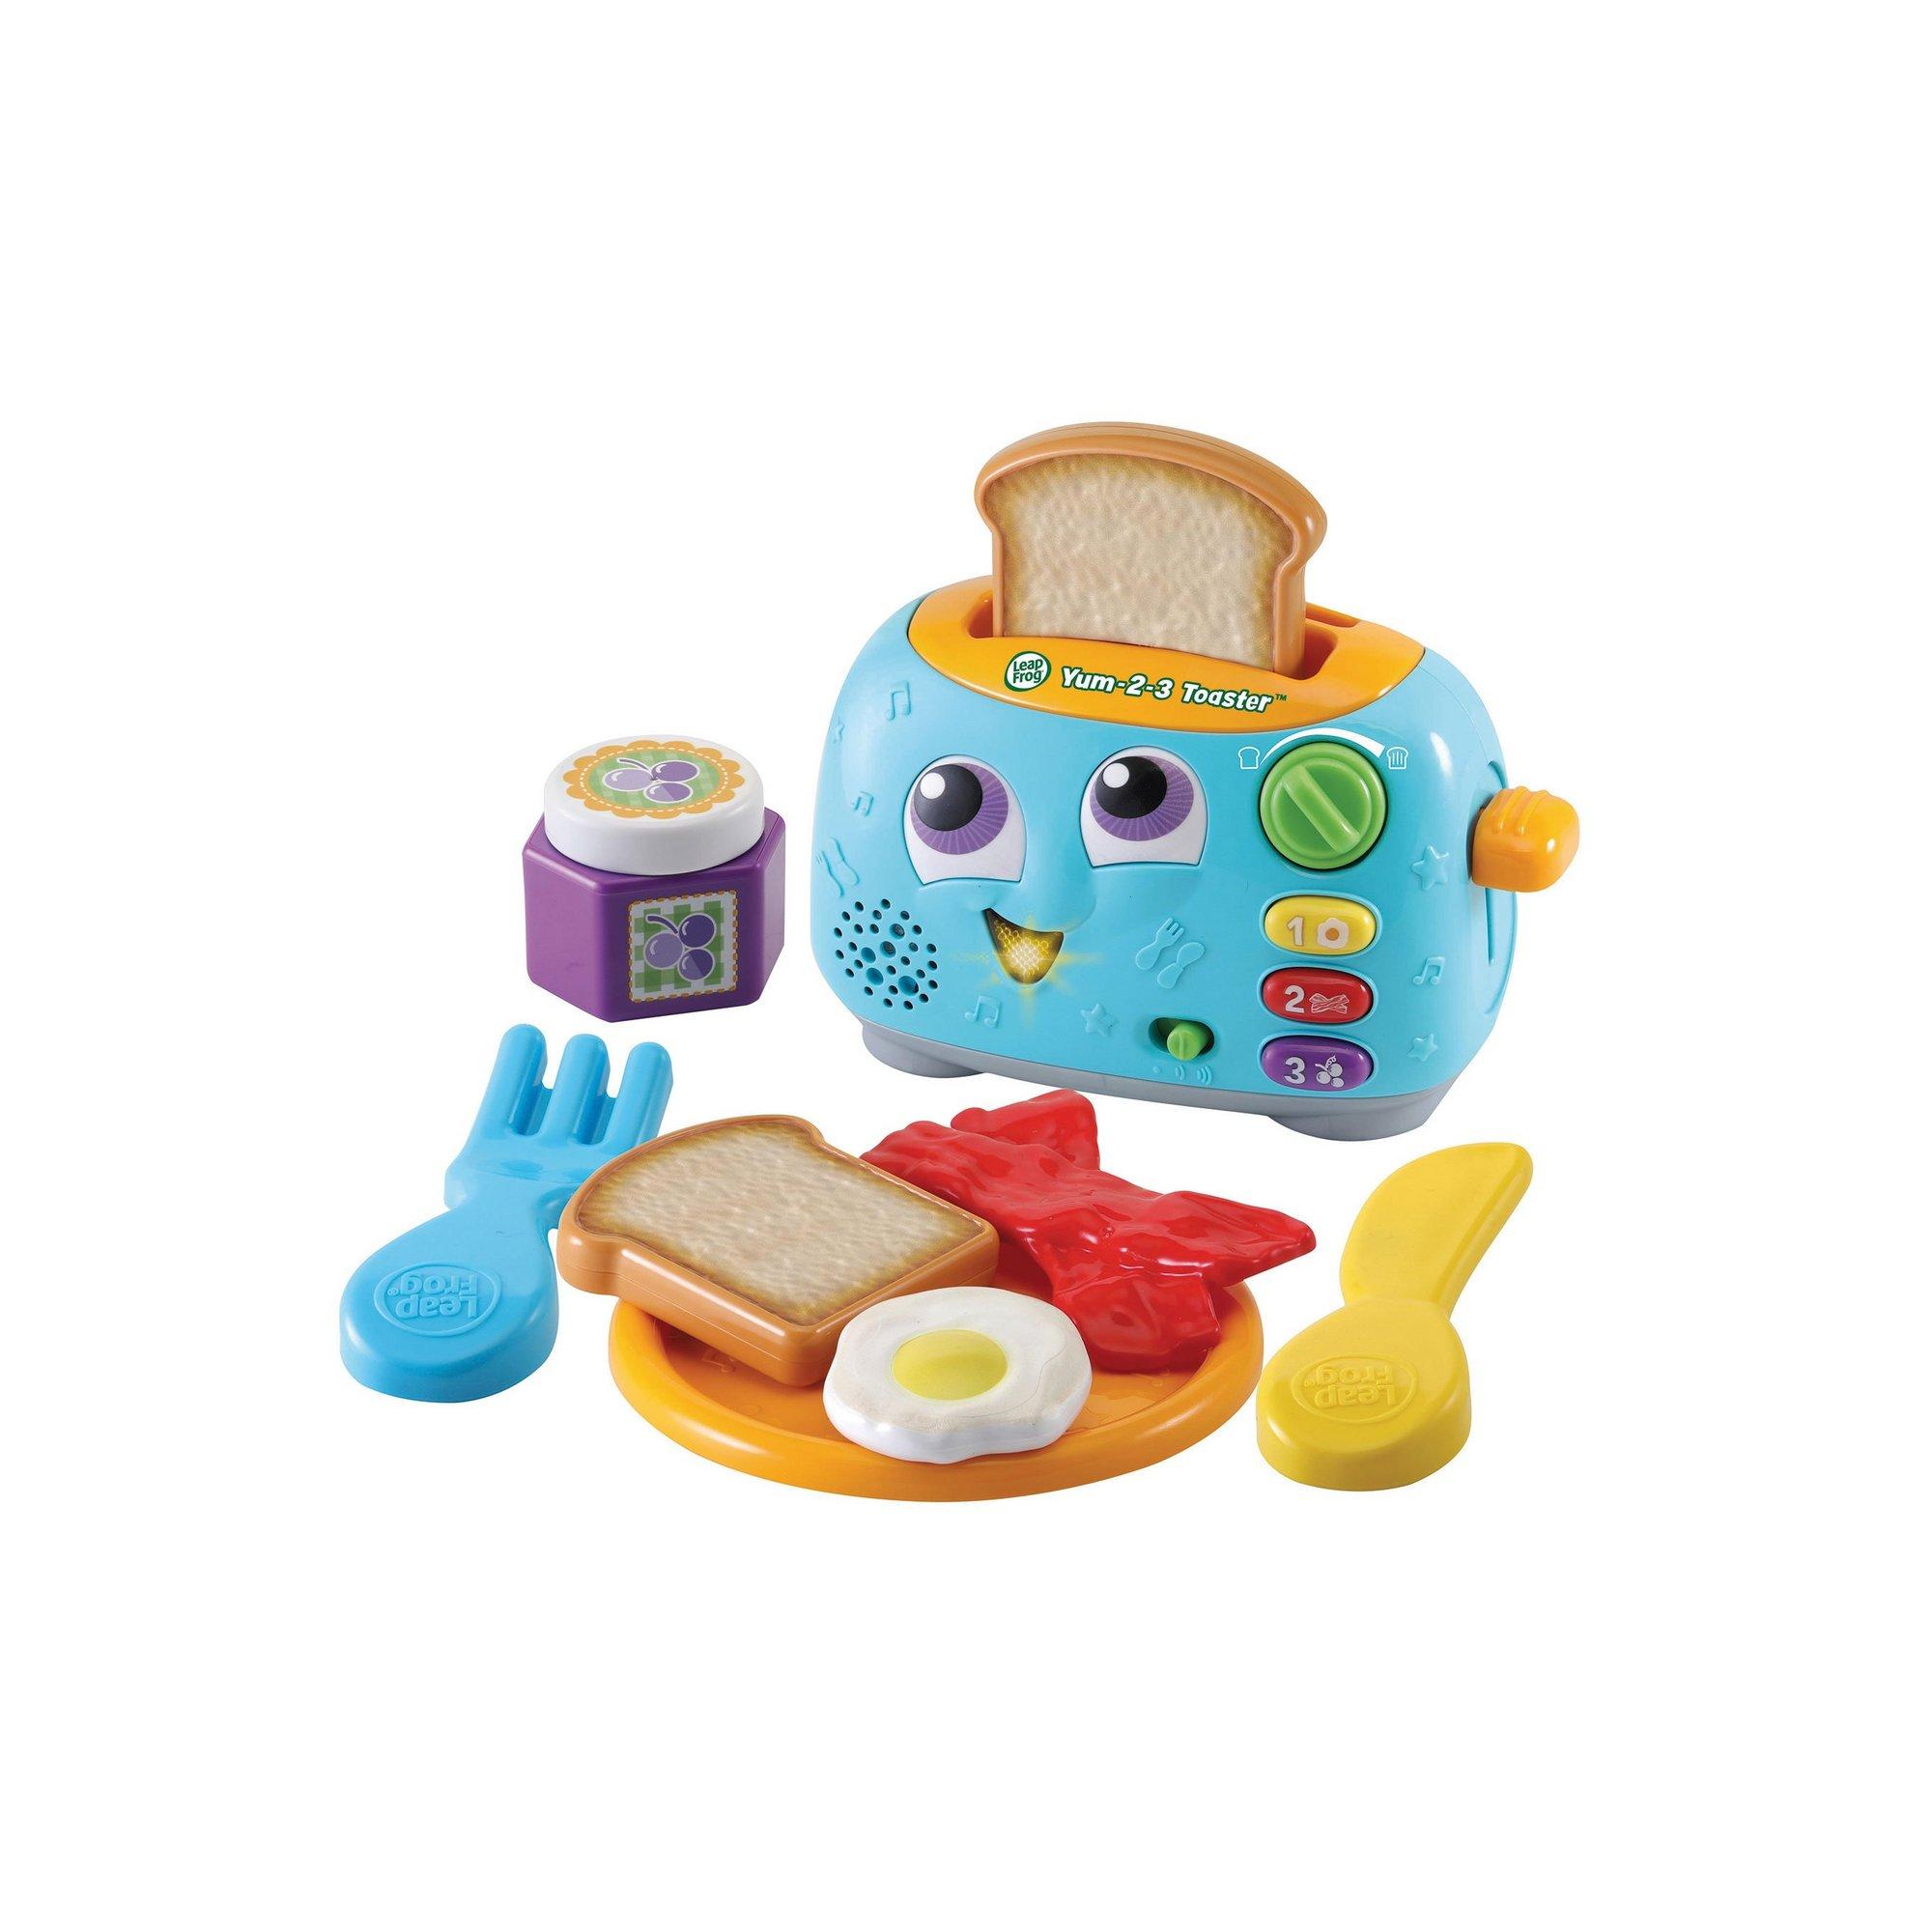 Image of LeapFrog Yum-2-3 Toaster